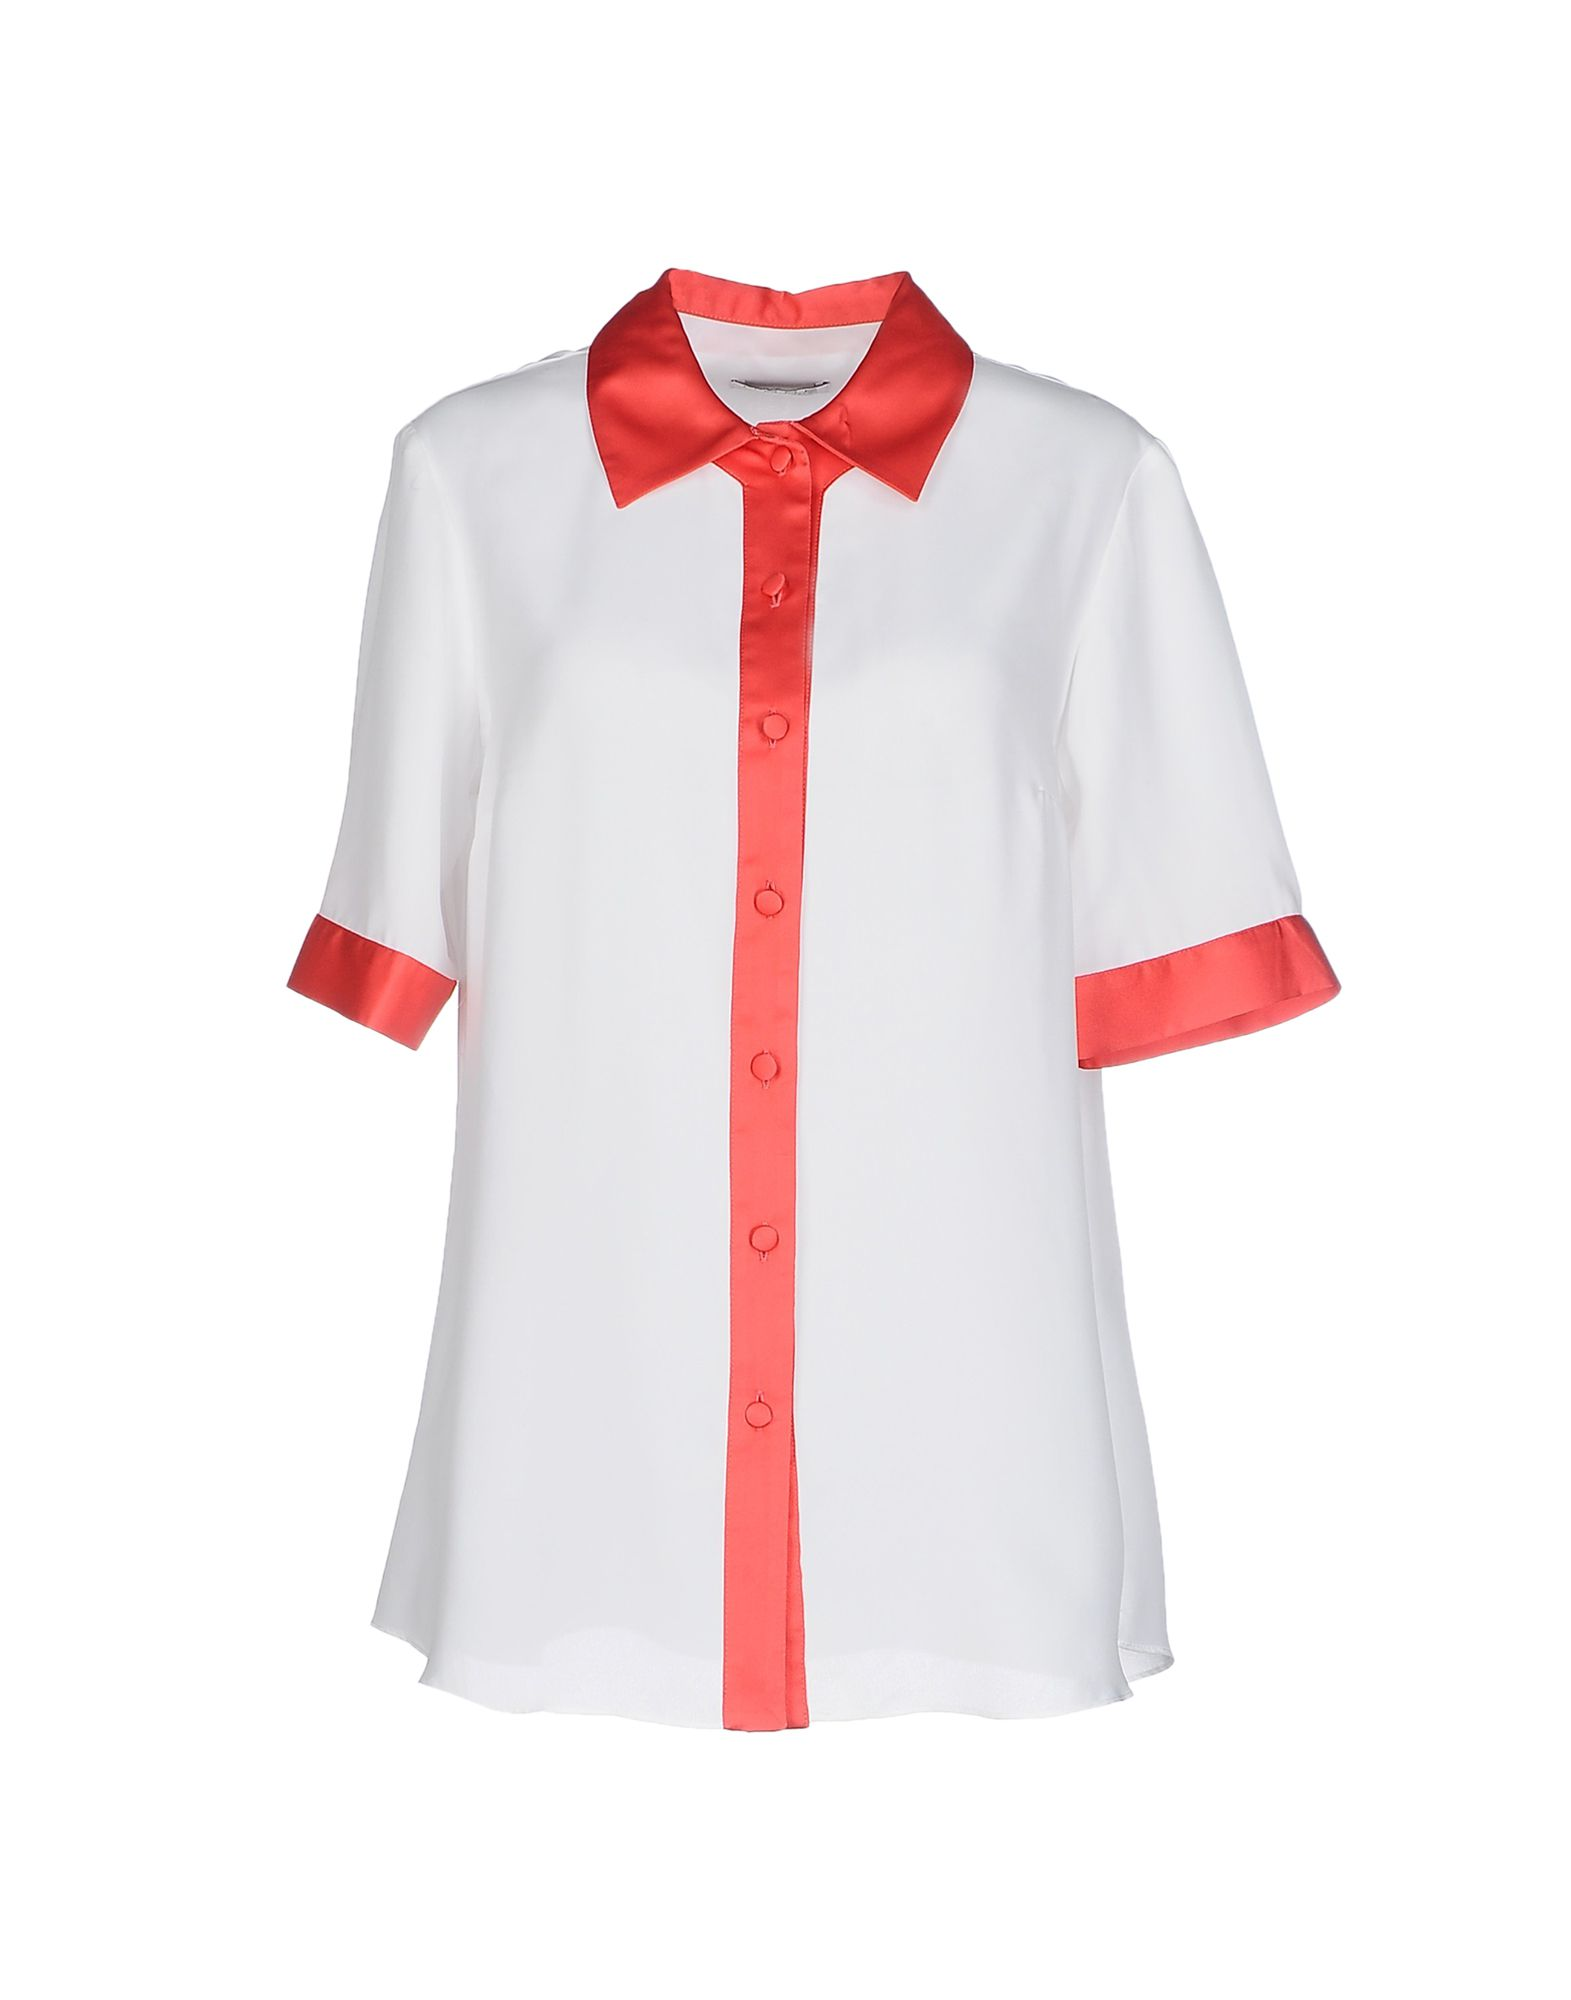 купить HOPE COLLECTION Pубашка по цене 3500 рублей